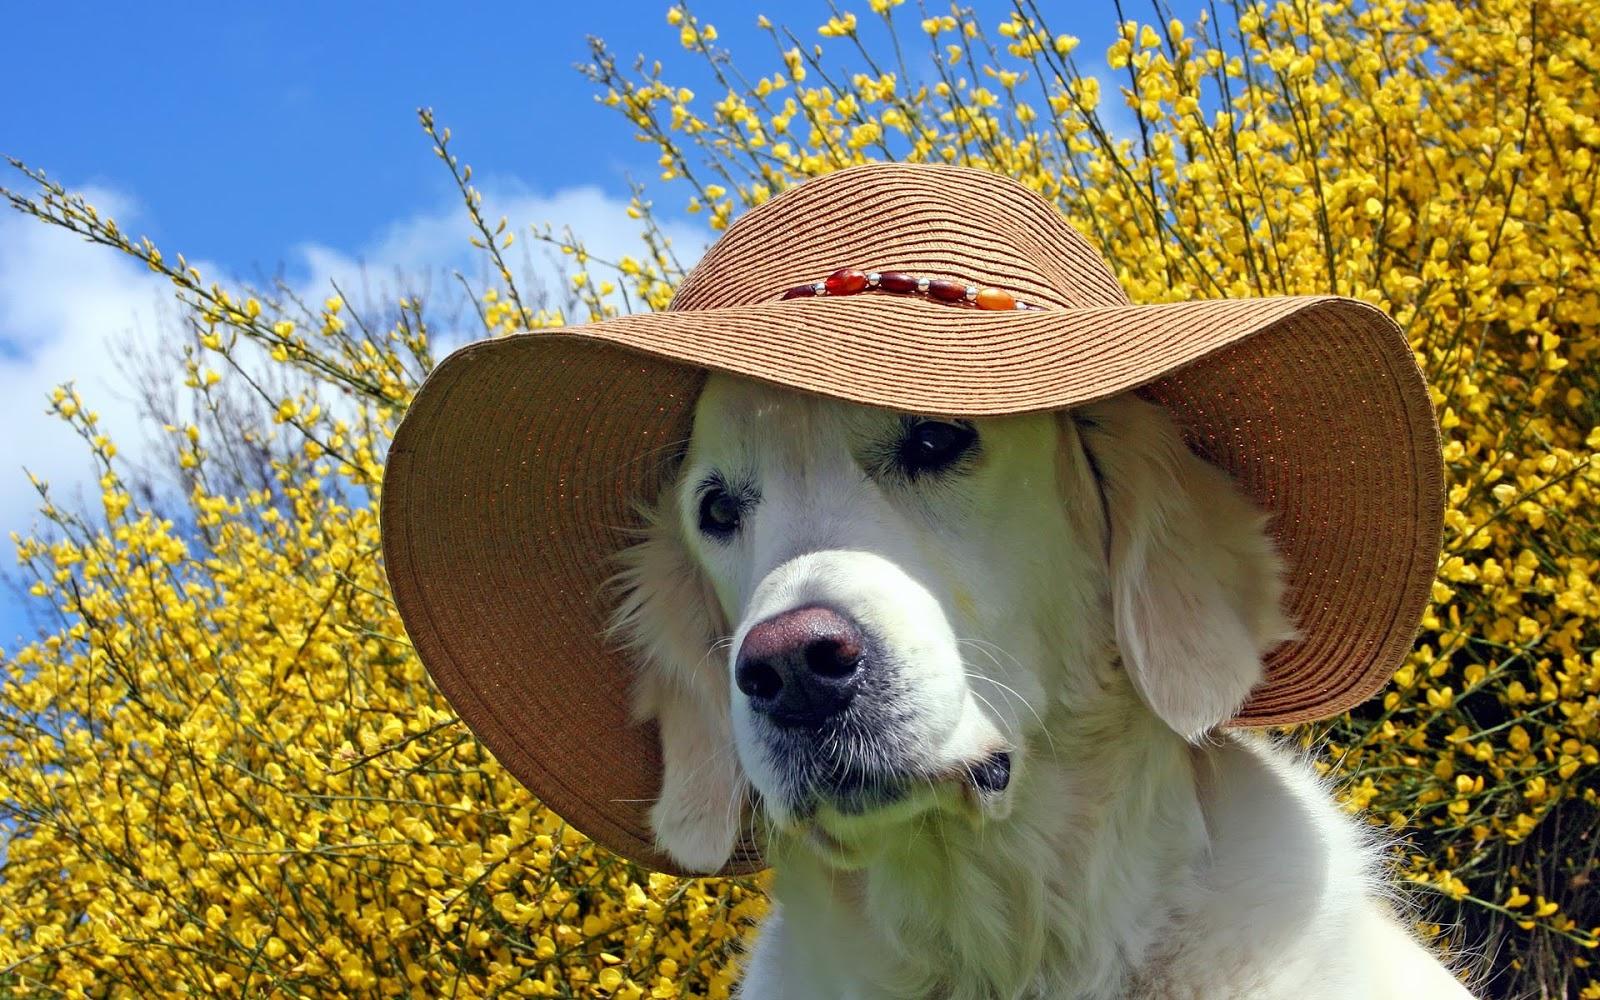 Leuke honden wallpaper met een hond met hoed op zijn of haar kop